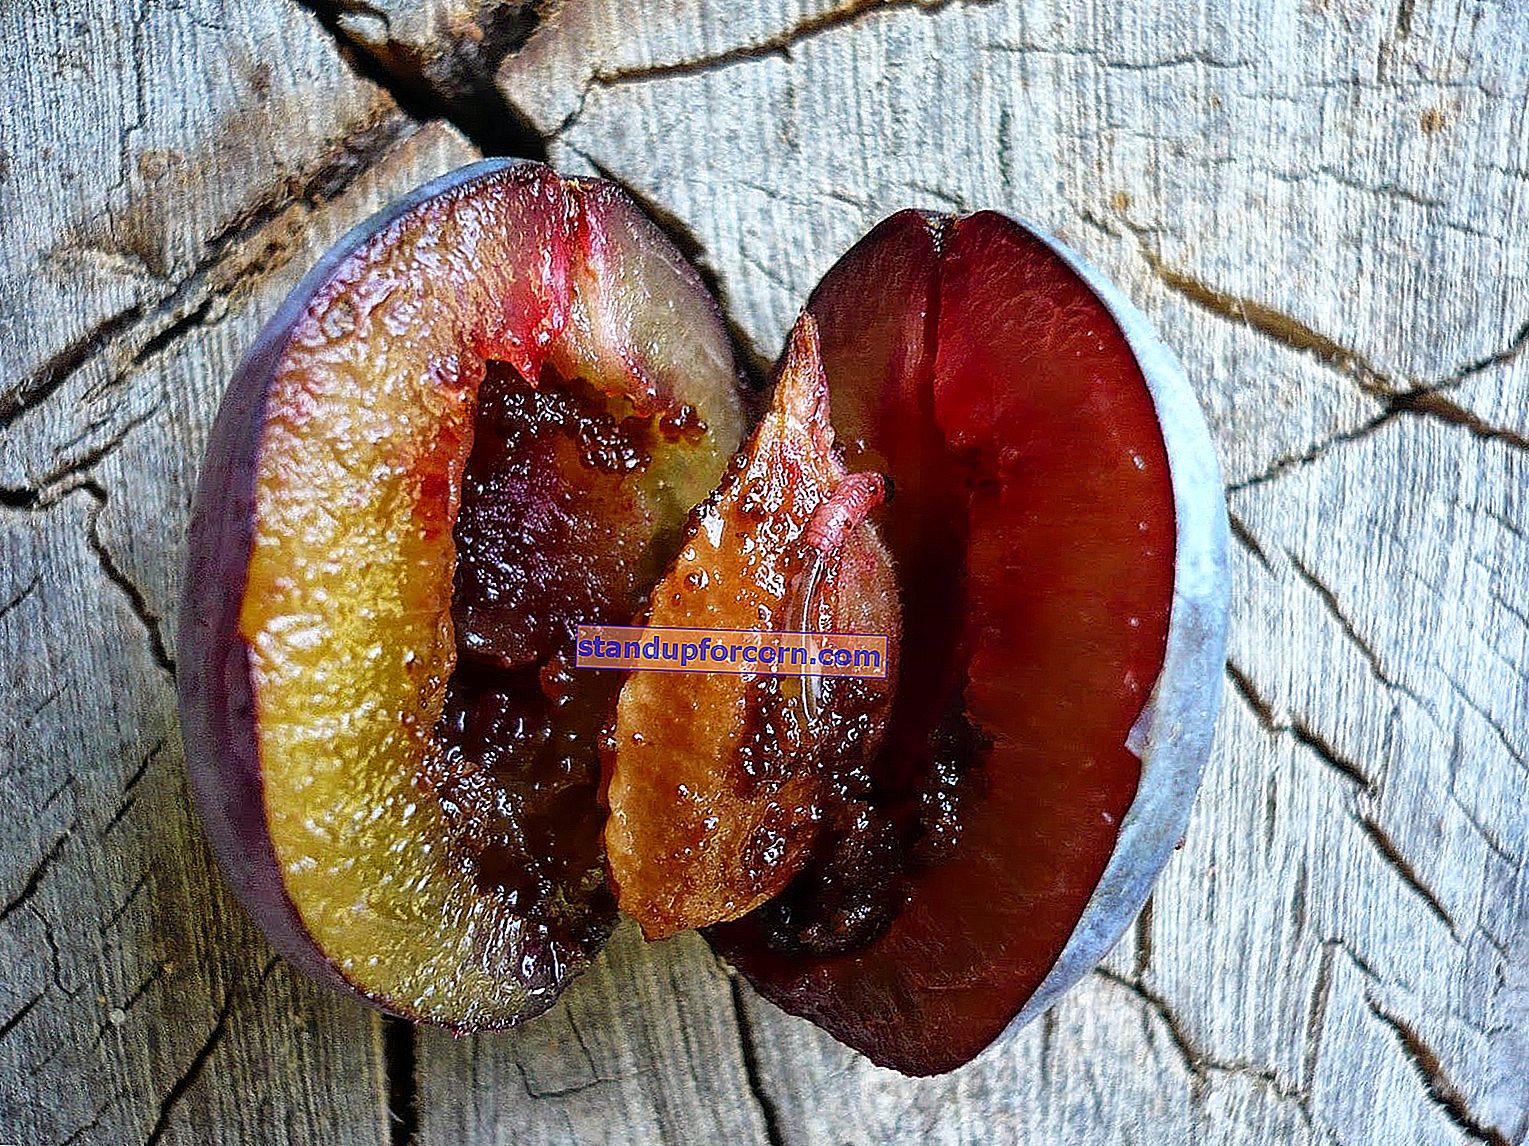 Slivkové ovocie - boj, postrek červami v slivkách